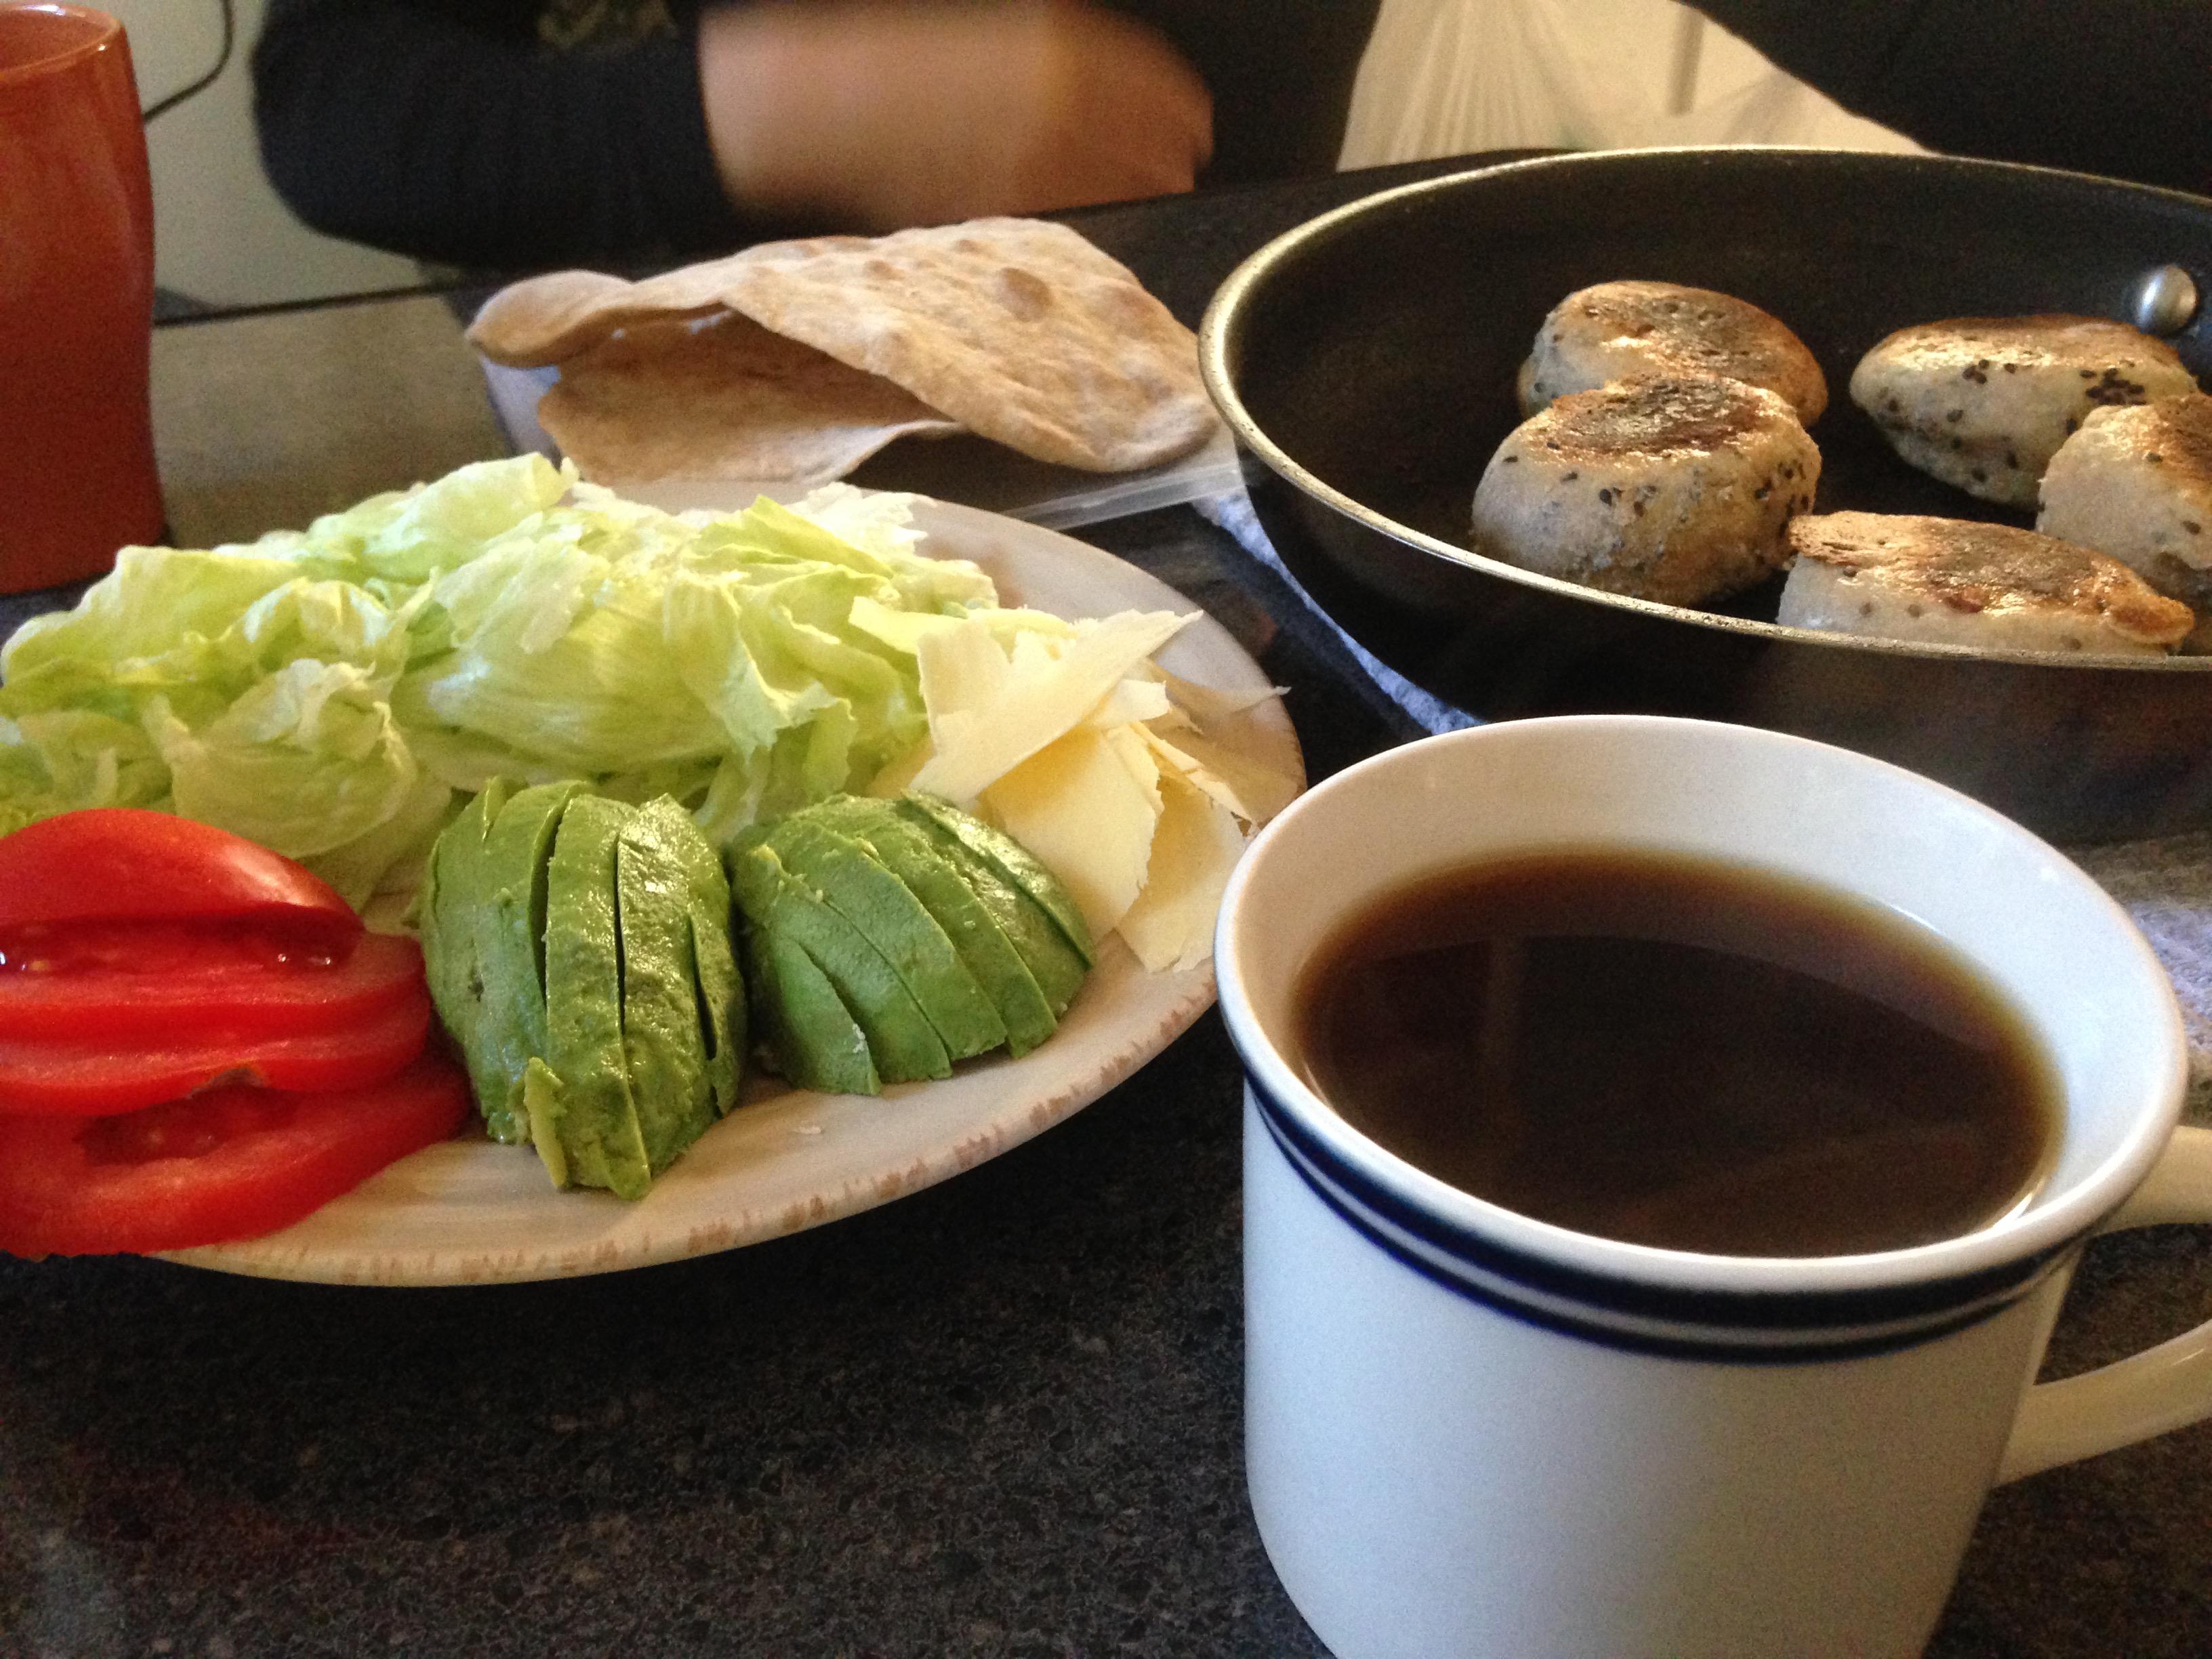 オーストラリア ワーホリ 年越し カヤック ケーキ コーヒー 茶